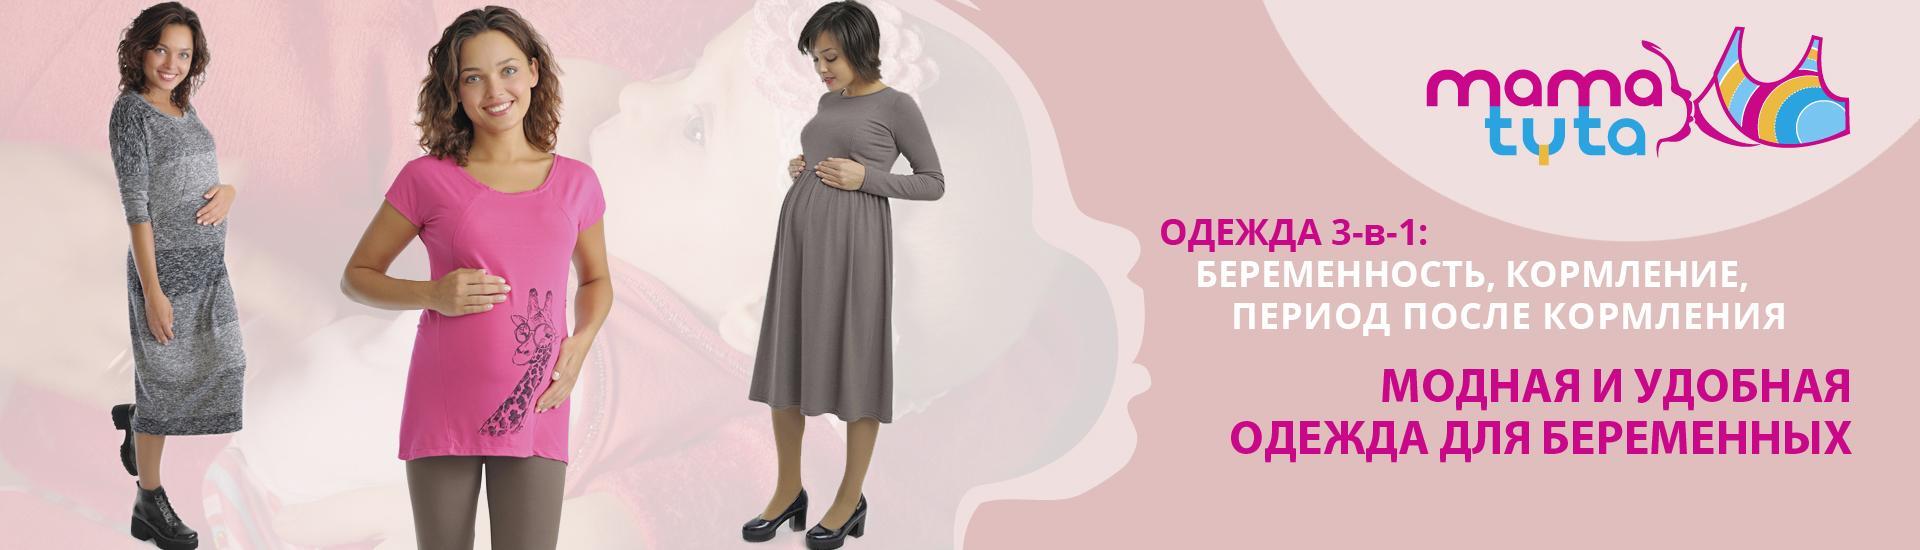 БРЮКИ, ЛЕГГИНСЫ для беременных. Одежда для кормящих мам от производителя.  ТАБЛИЦА РАЗМЕРОВ МАМАТУТА 74da8e3a01a